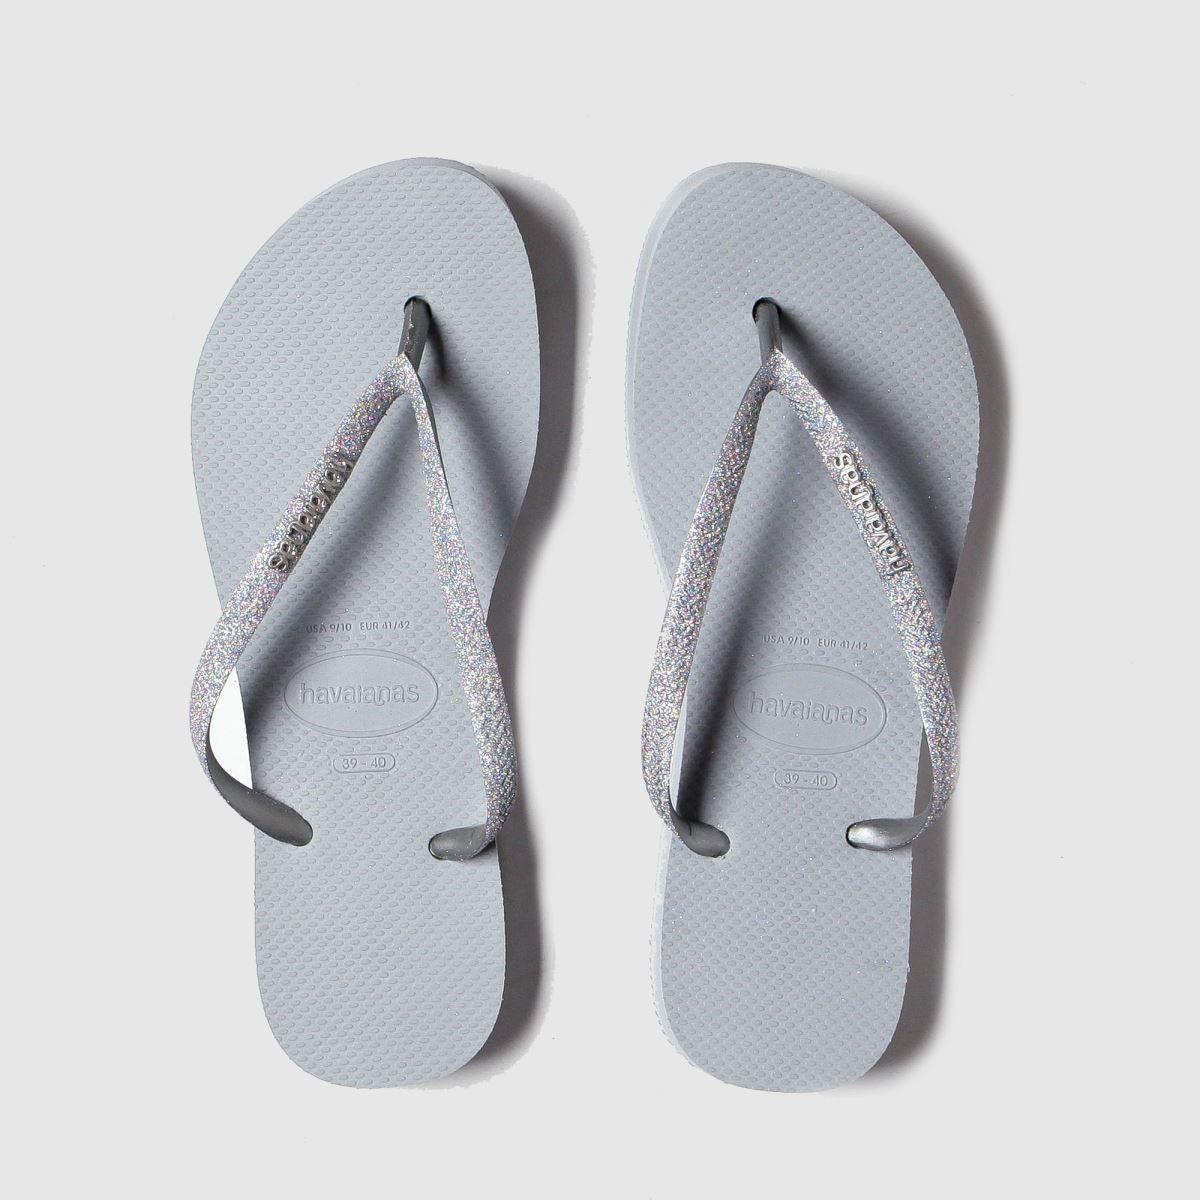 Havaianas Silver Flatform Glitter Sandals